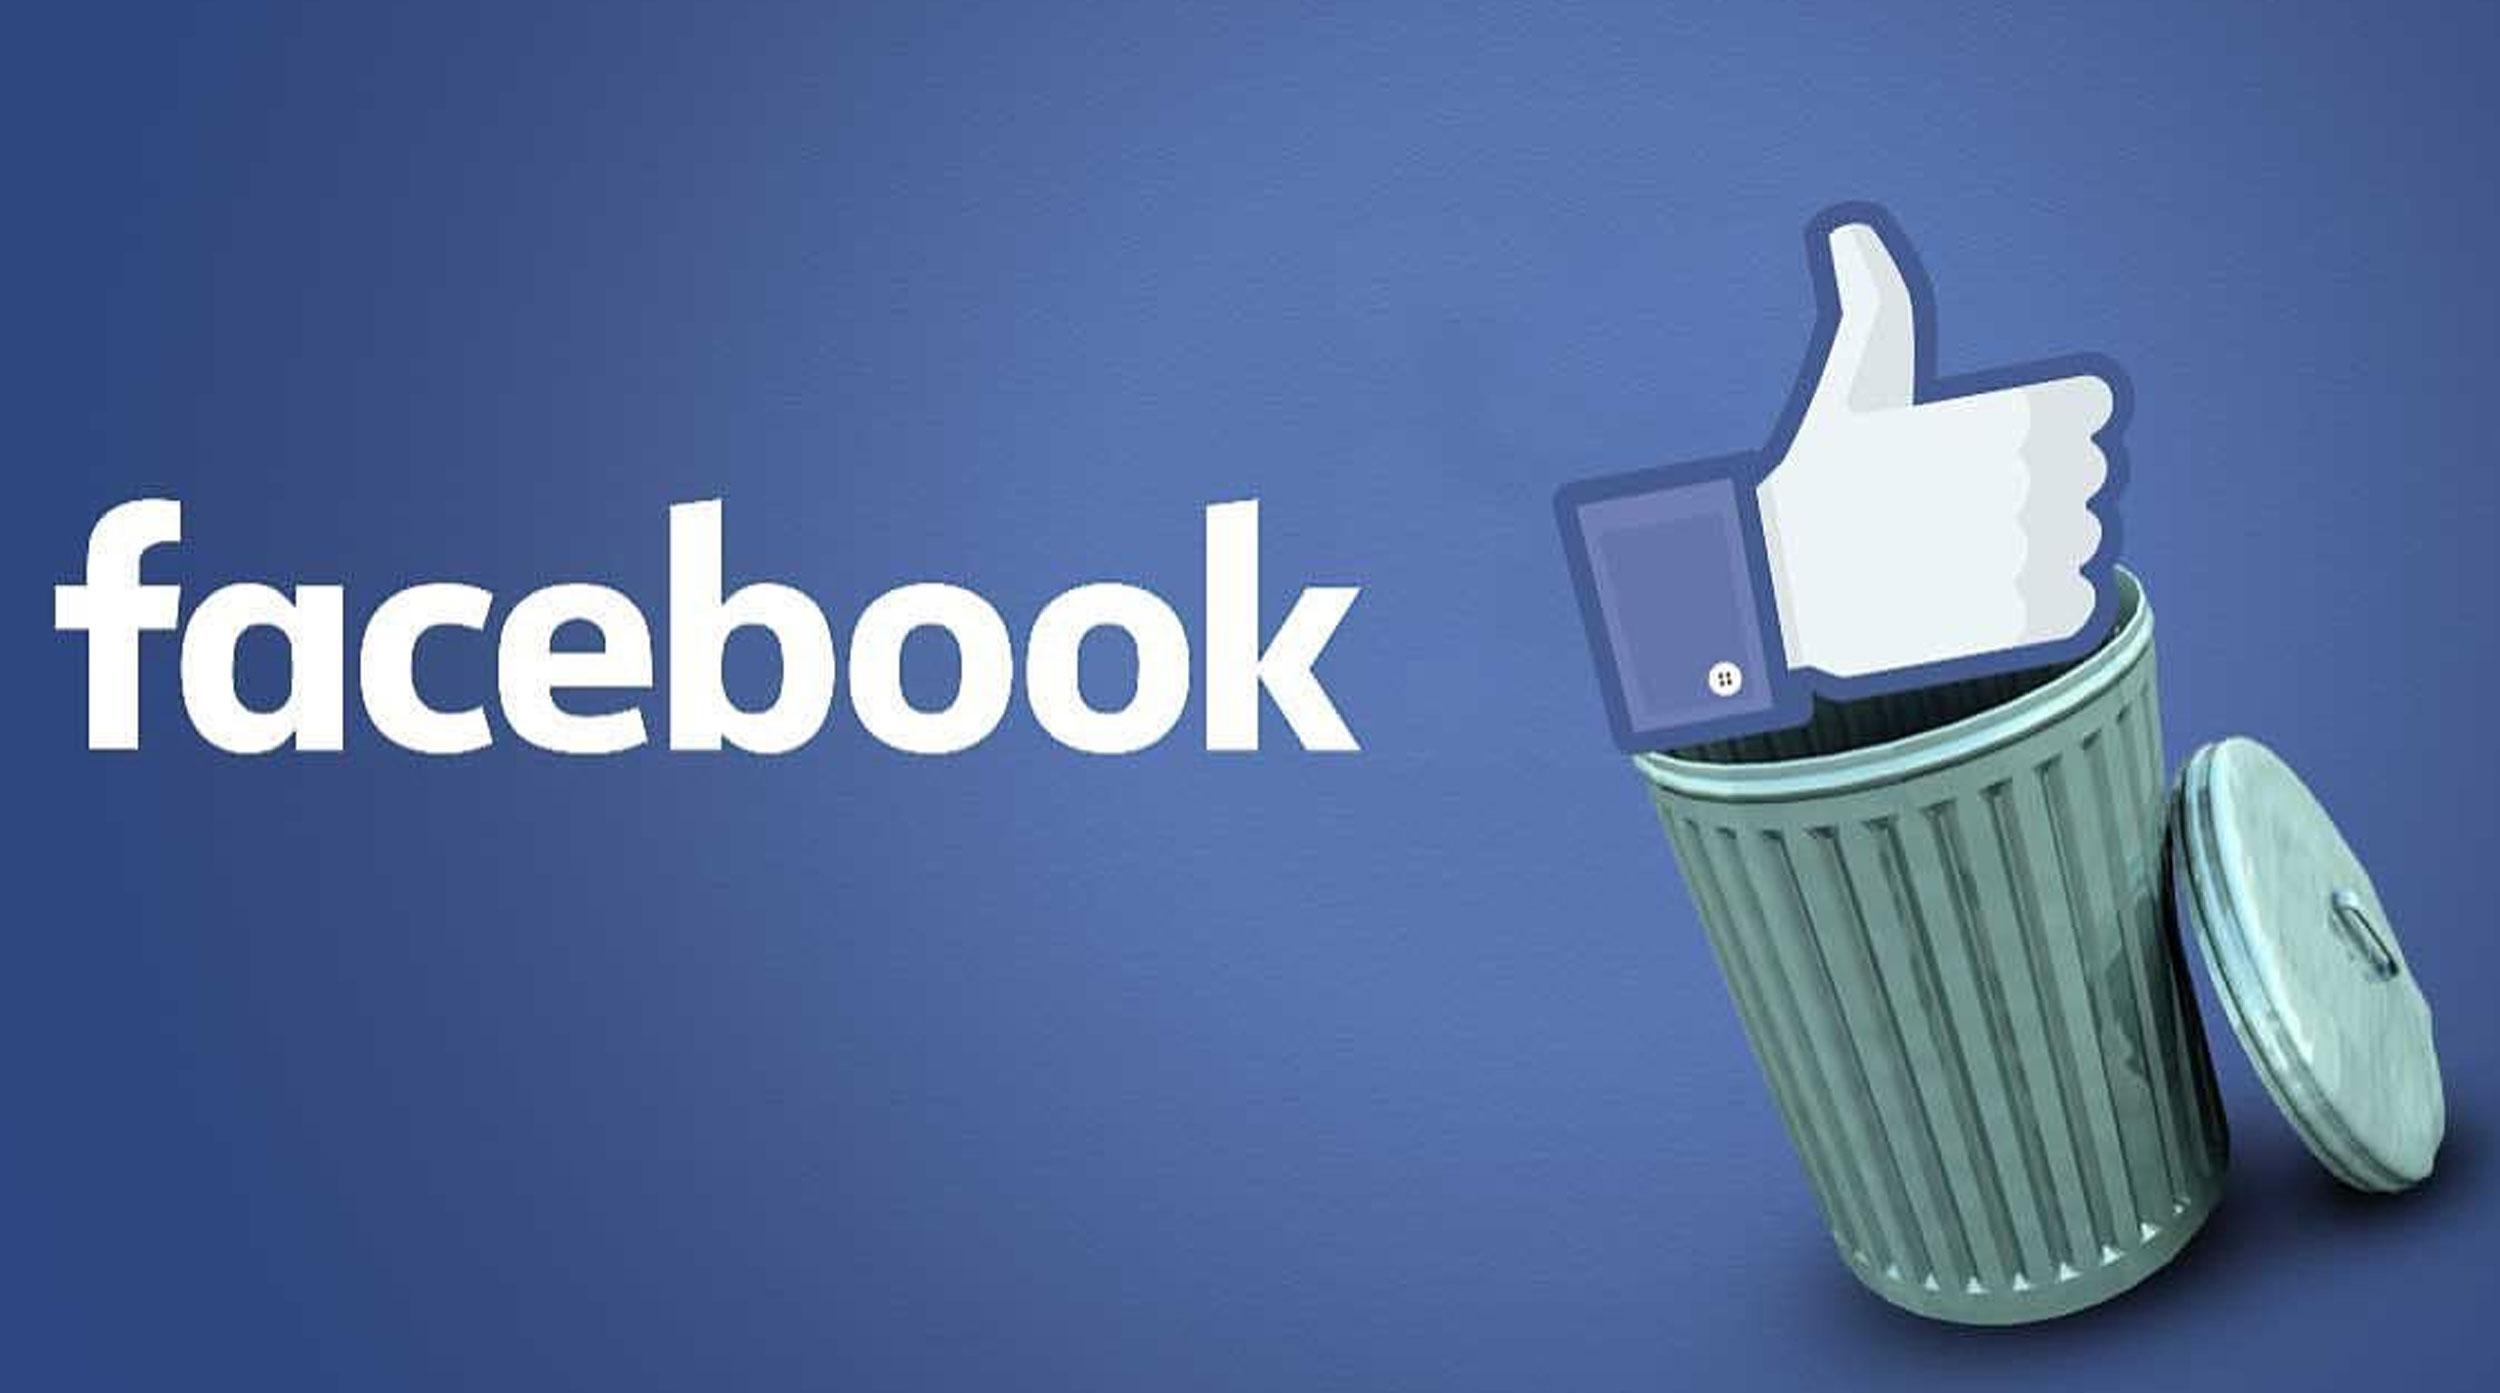 """Facebook ya prueba en usuarios ocultar la cantidad de """"Me gusta"""" en su app"""